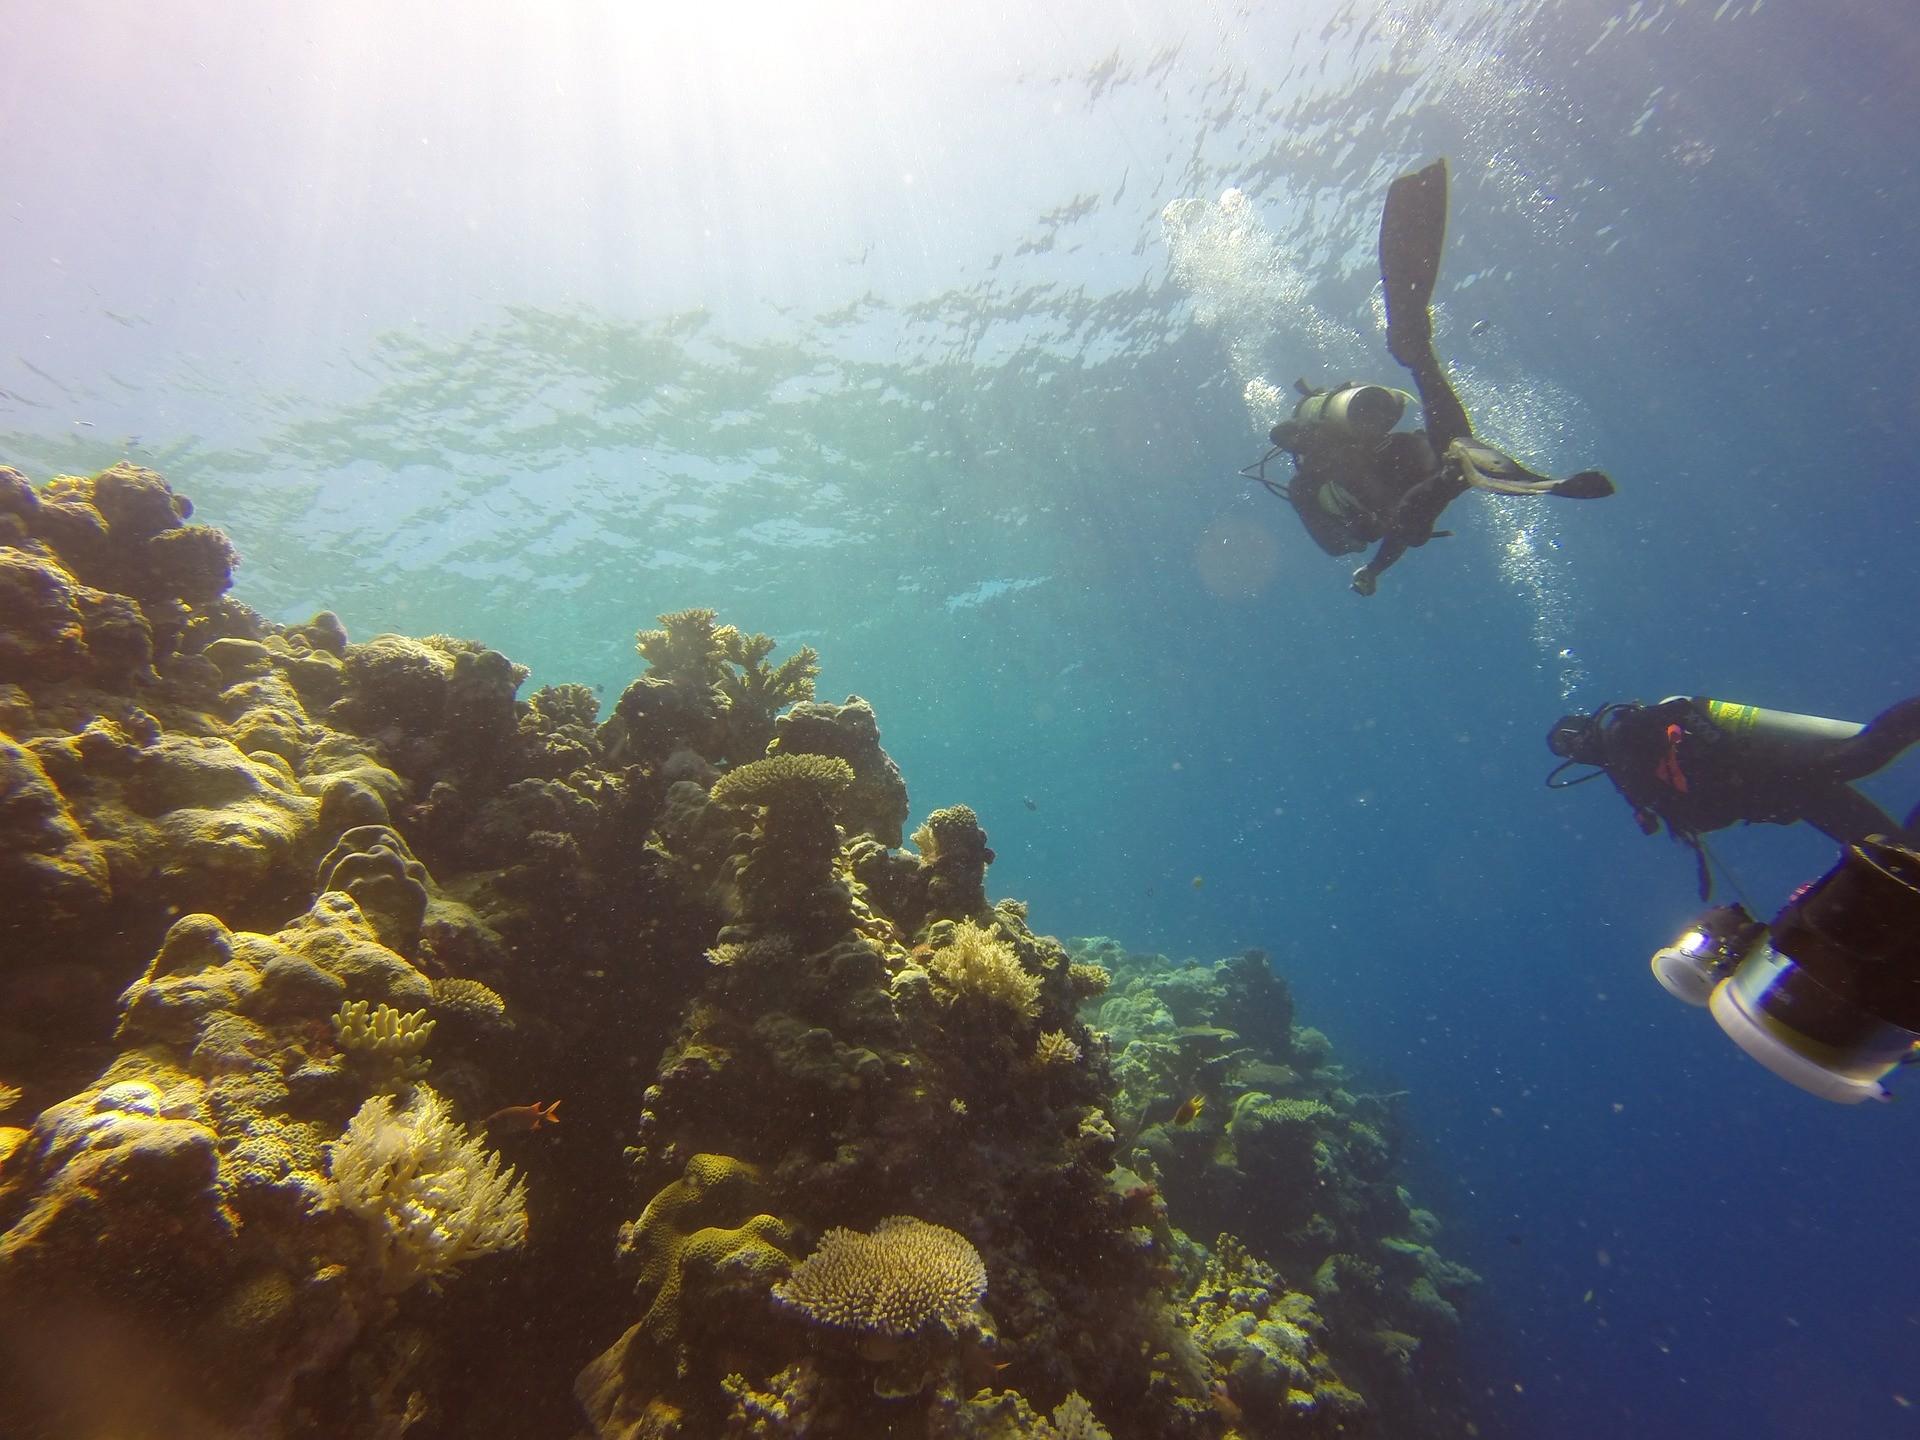 palau_ostrov_potapeci_more_koral_zivotni_prostredi